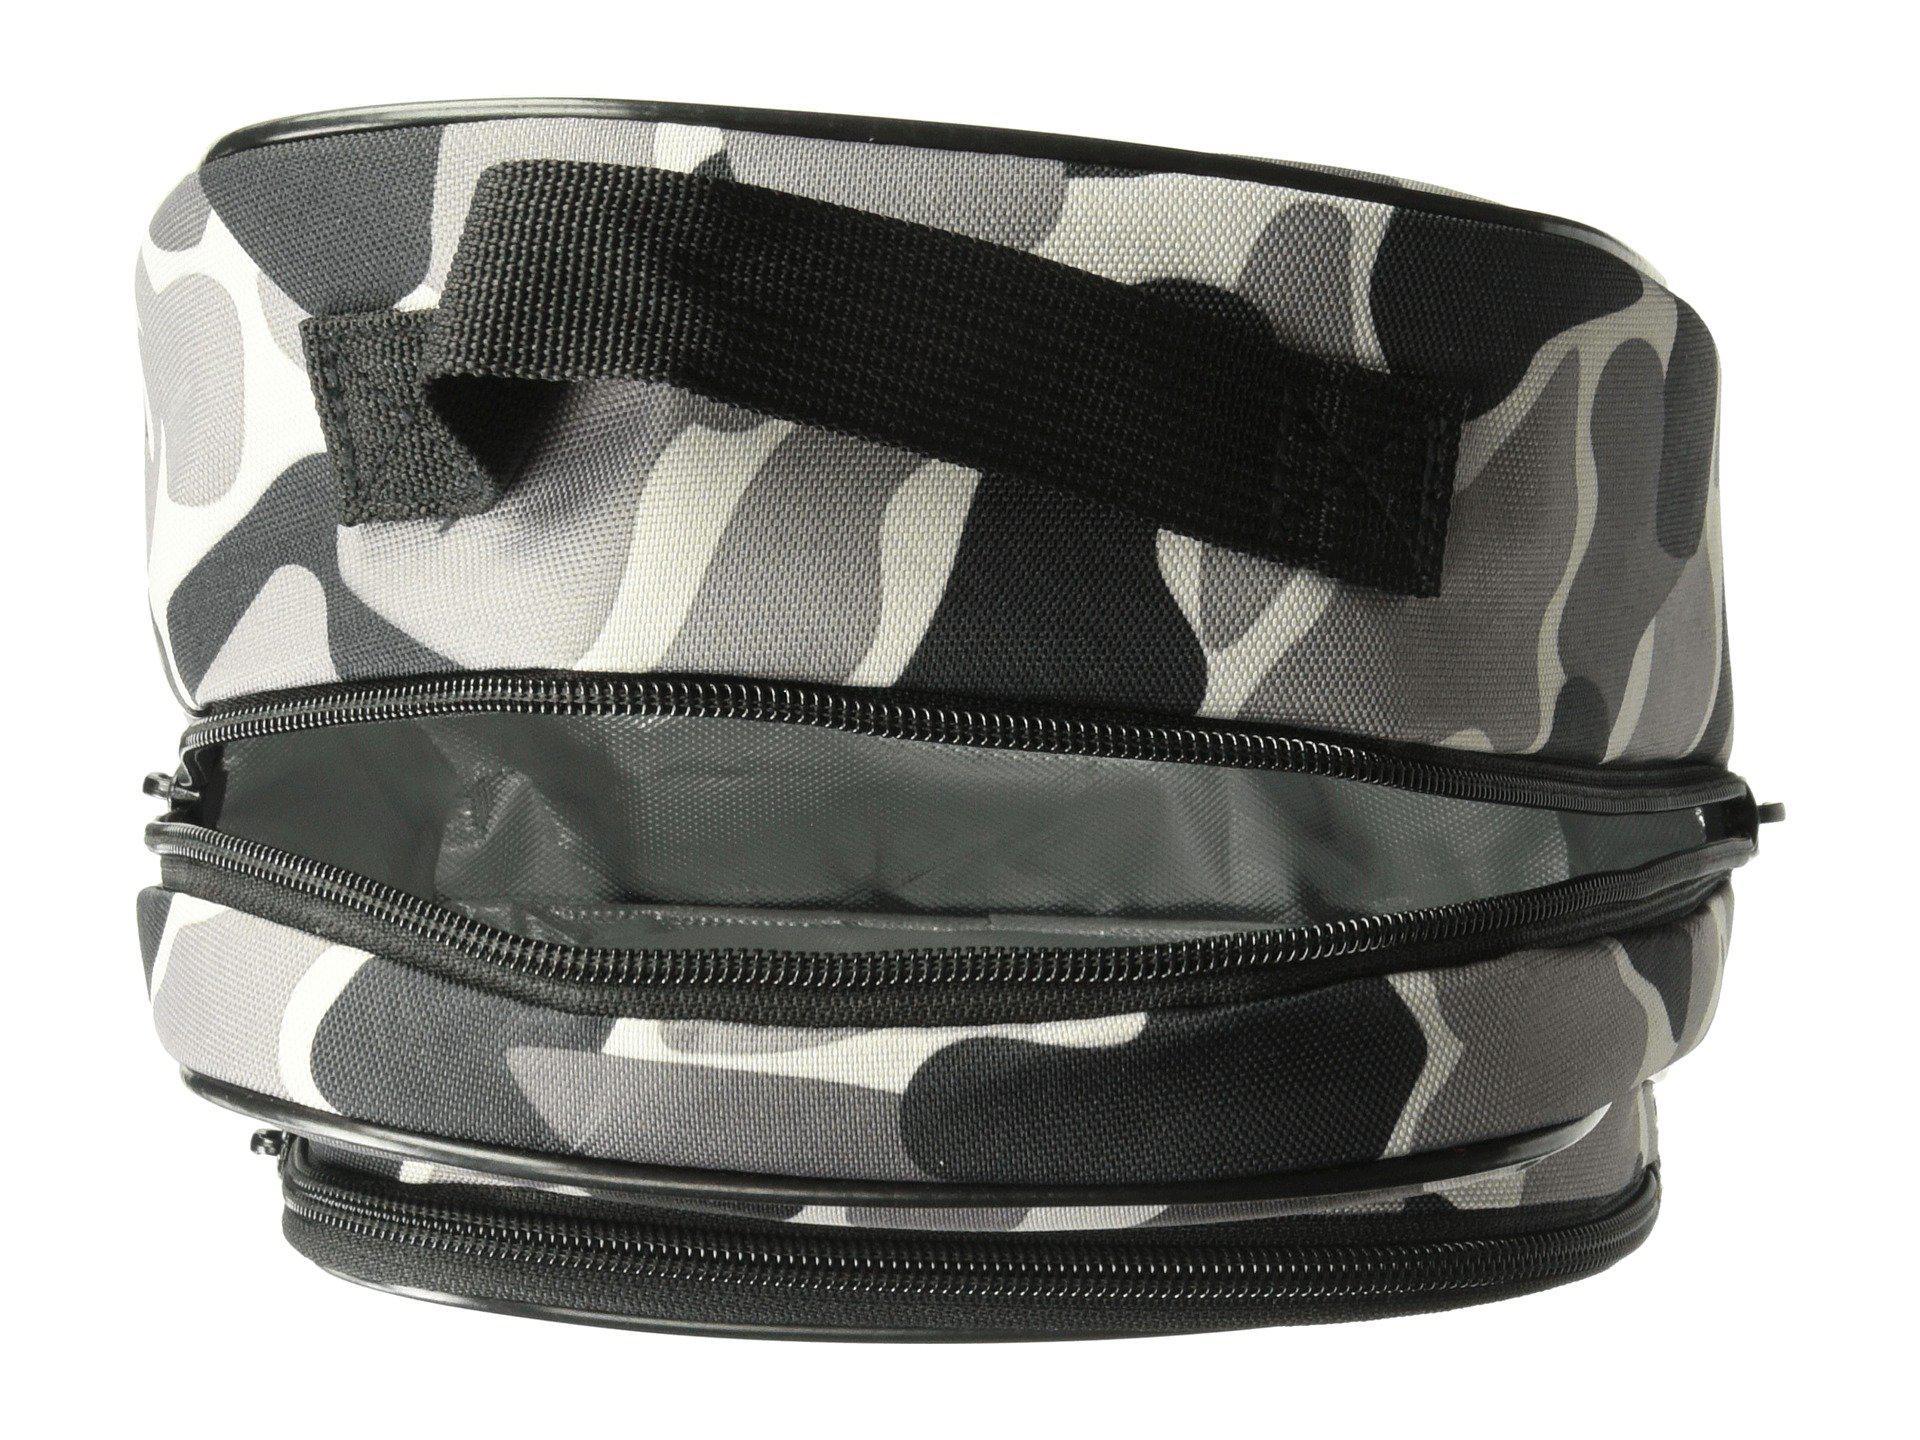 128c14e853 Adidas Originals - Originals Santiago Lunch Bag (camo Aop Carbon black white).  View fullscreen